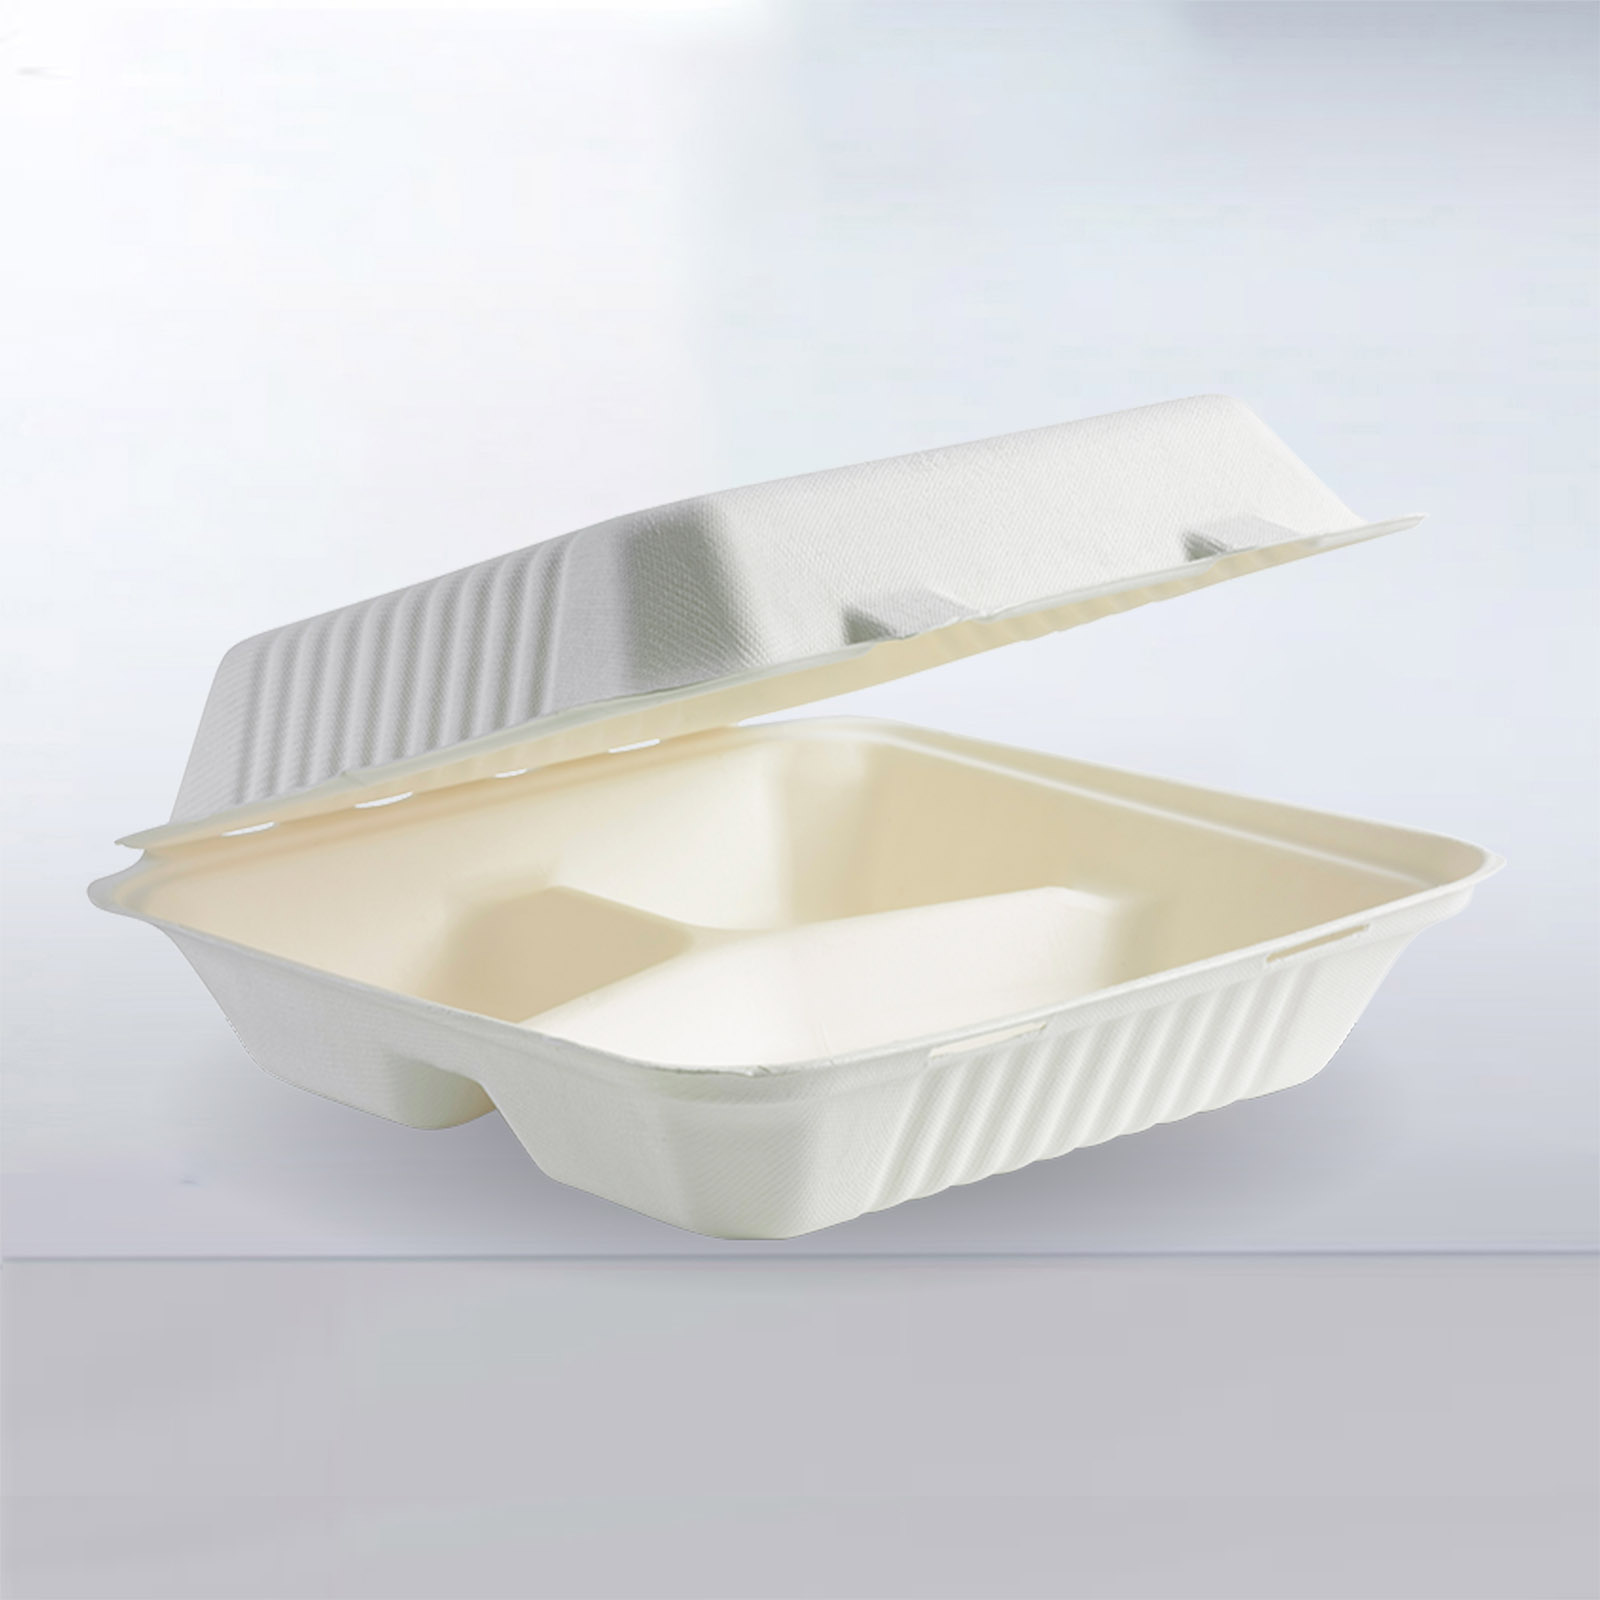 挤出级降解材料应用-耐热餐盒.jpg